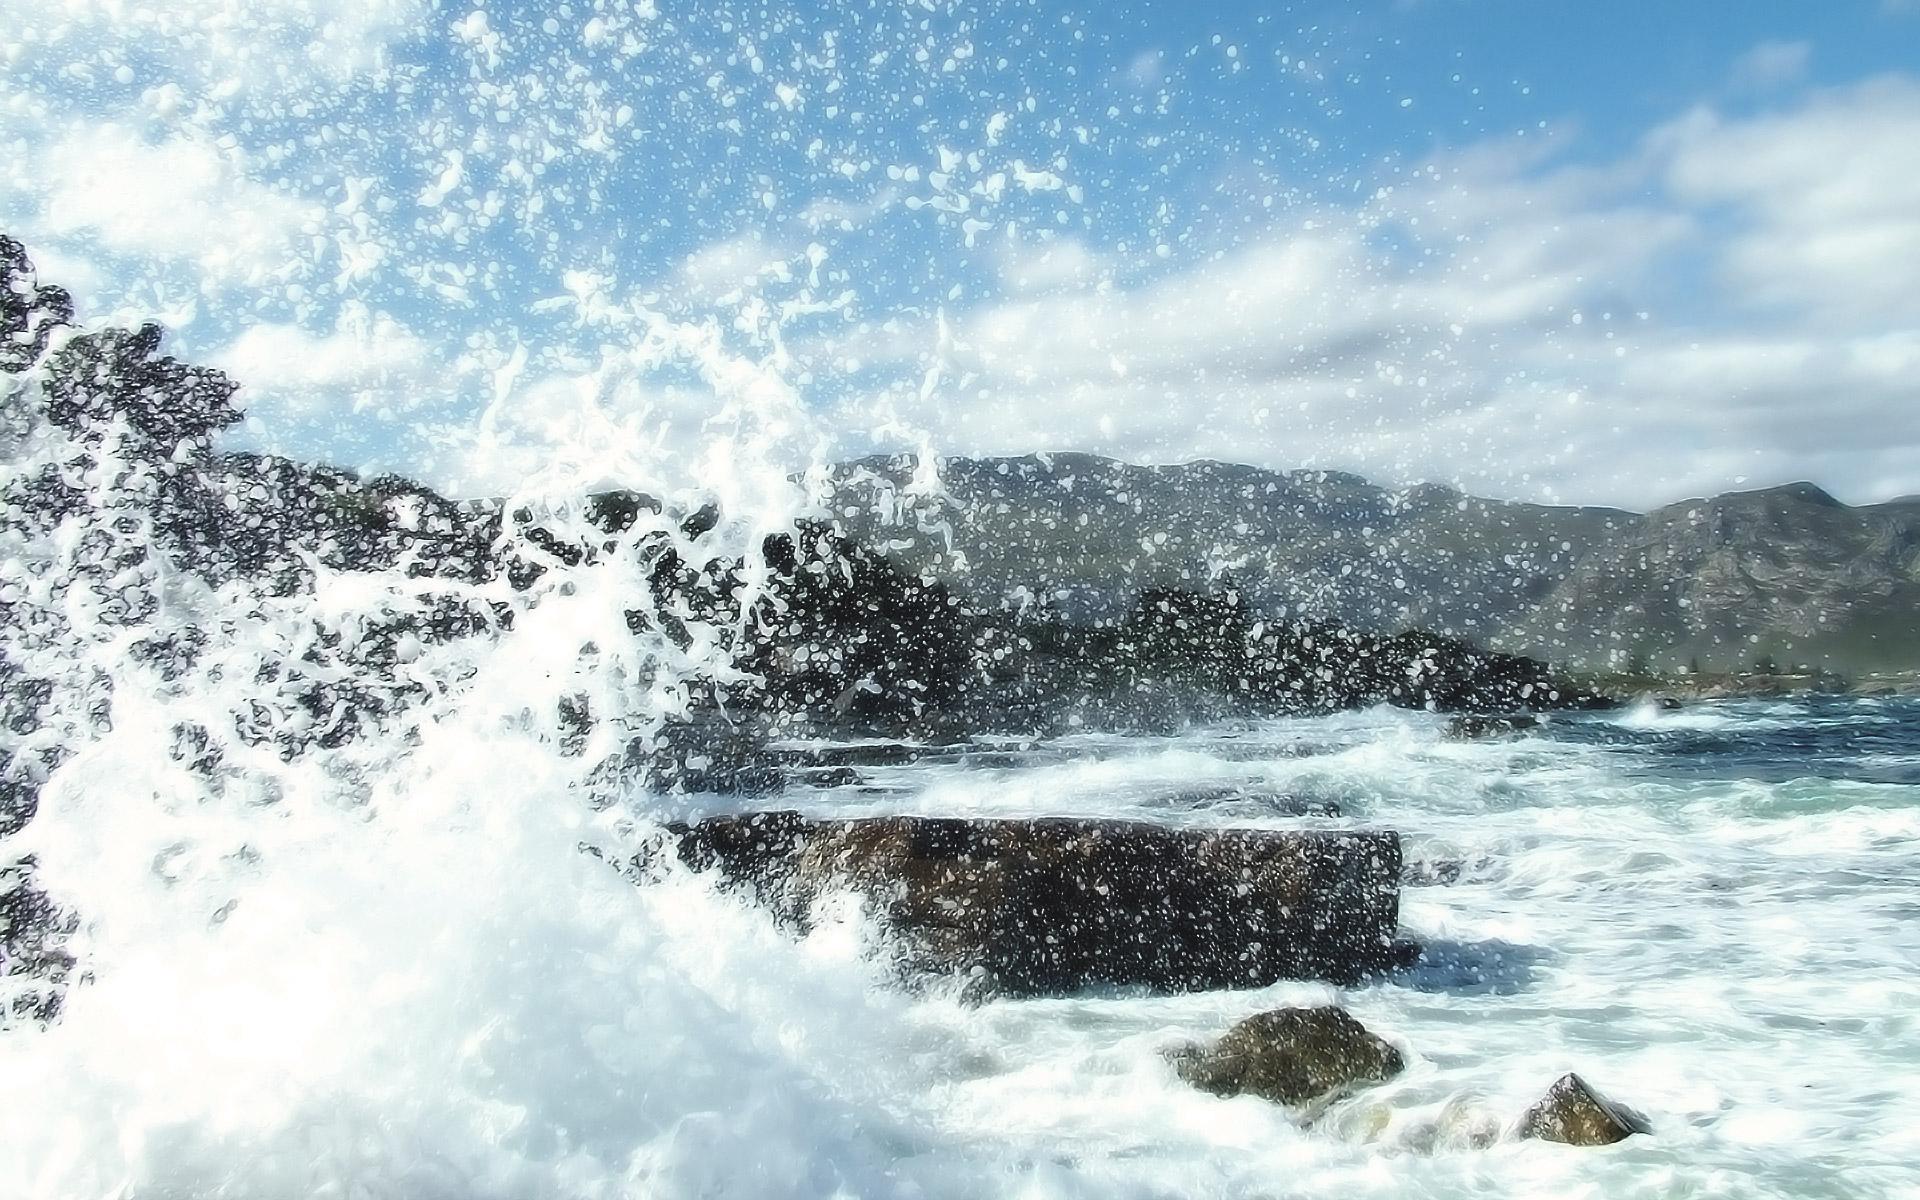 Crashing Waves by ryanstfu